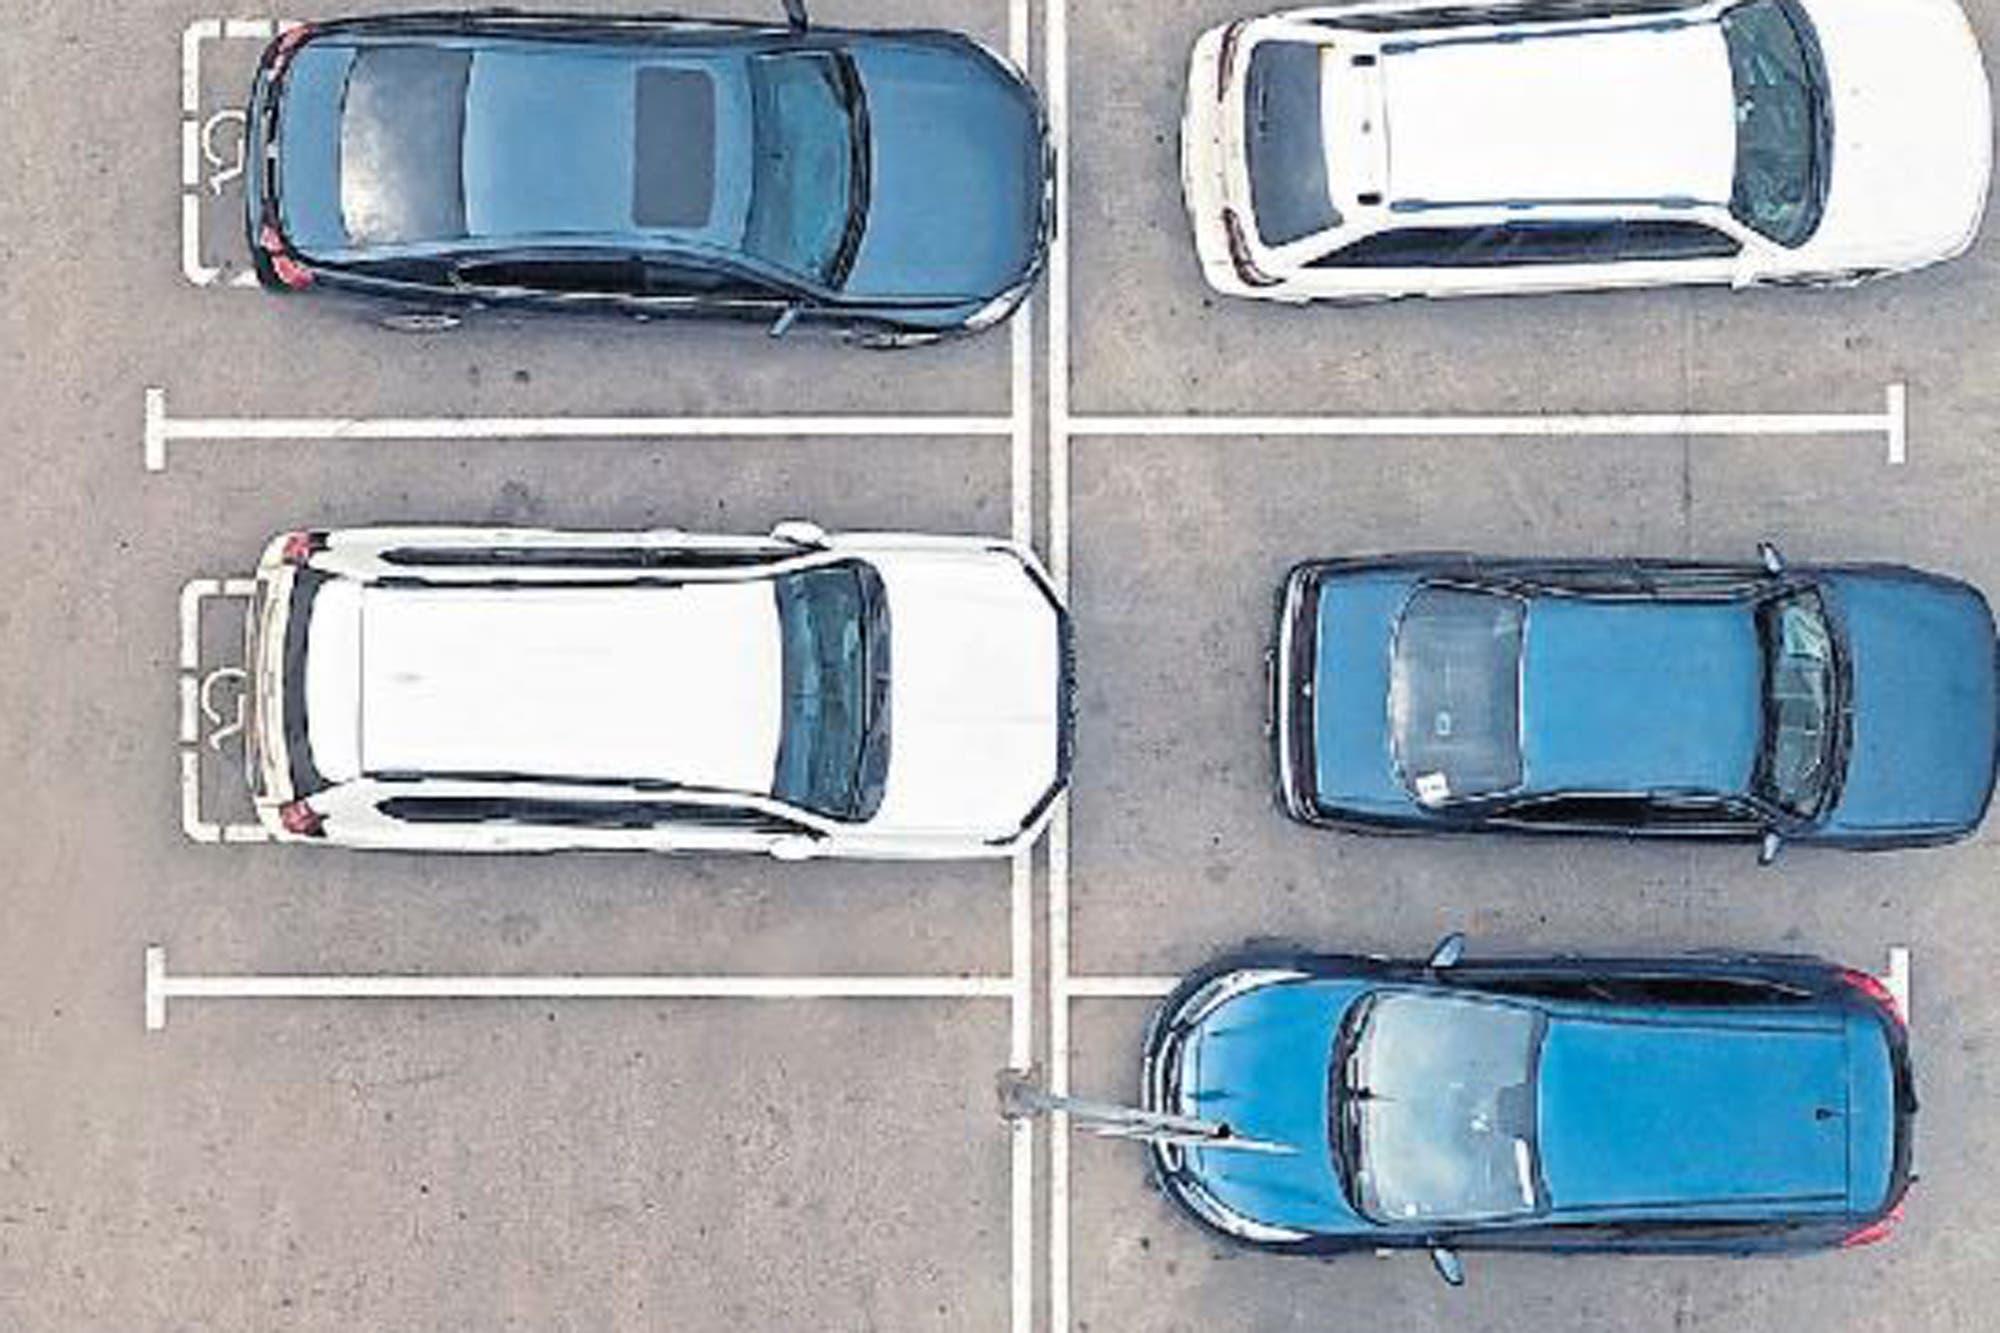 La regla del 37%: cuándo dejar de buscar estacionamiento (y otras sugerencias algorítmicas)